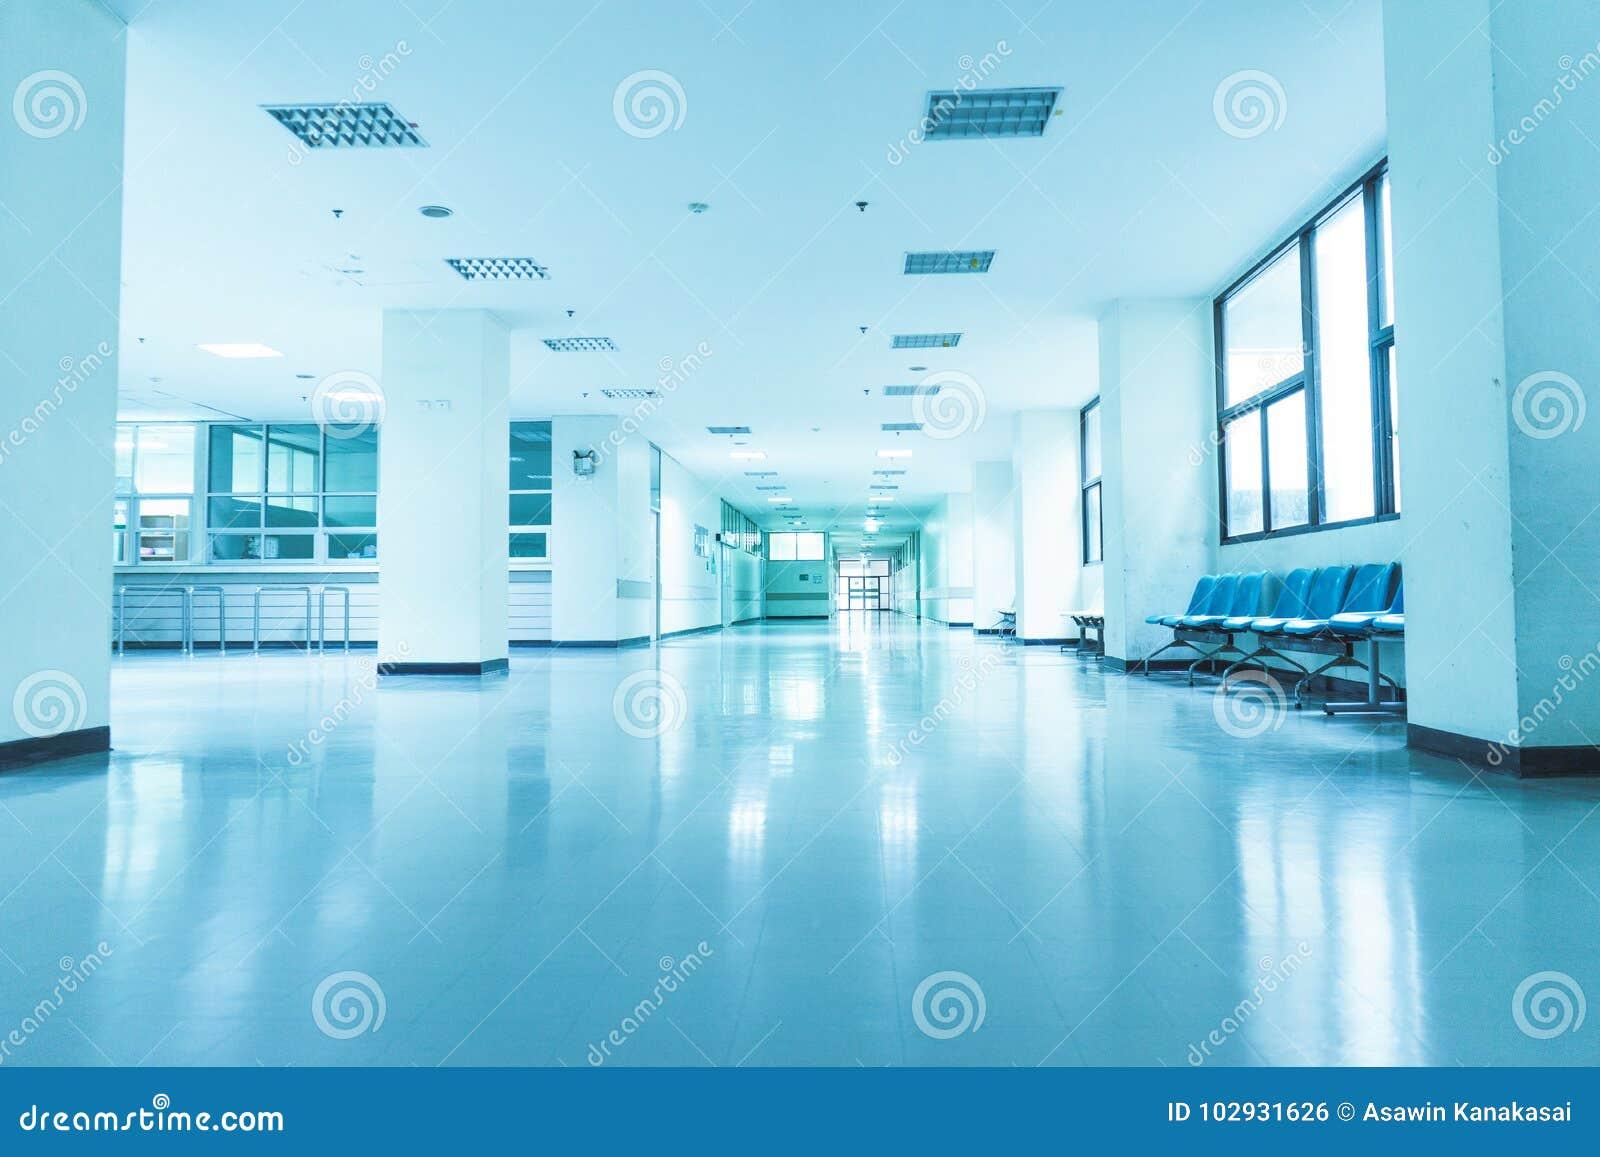 在医院里面